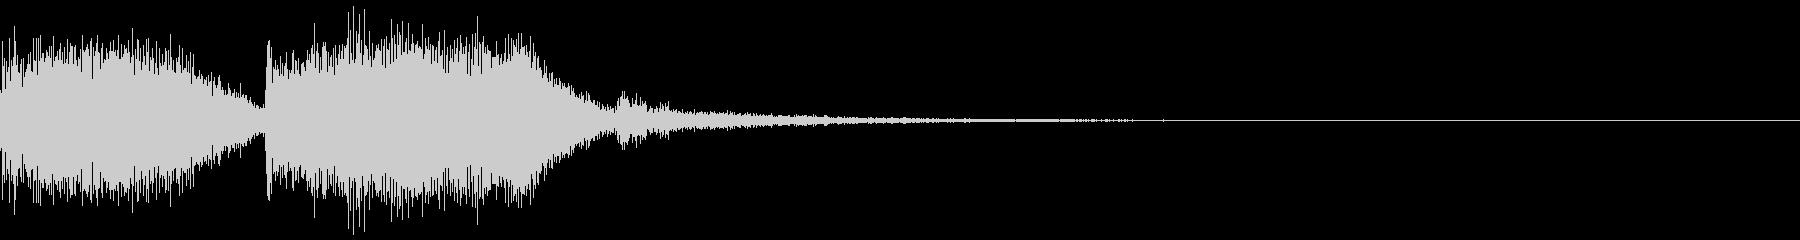 テーレッテレー3/レベルアップなどの未再生の波形